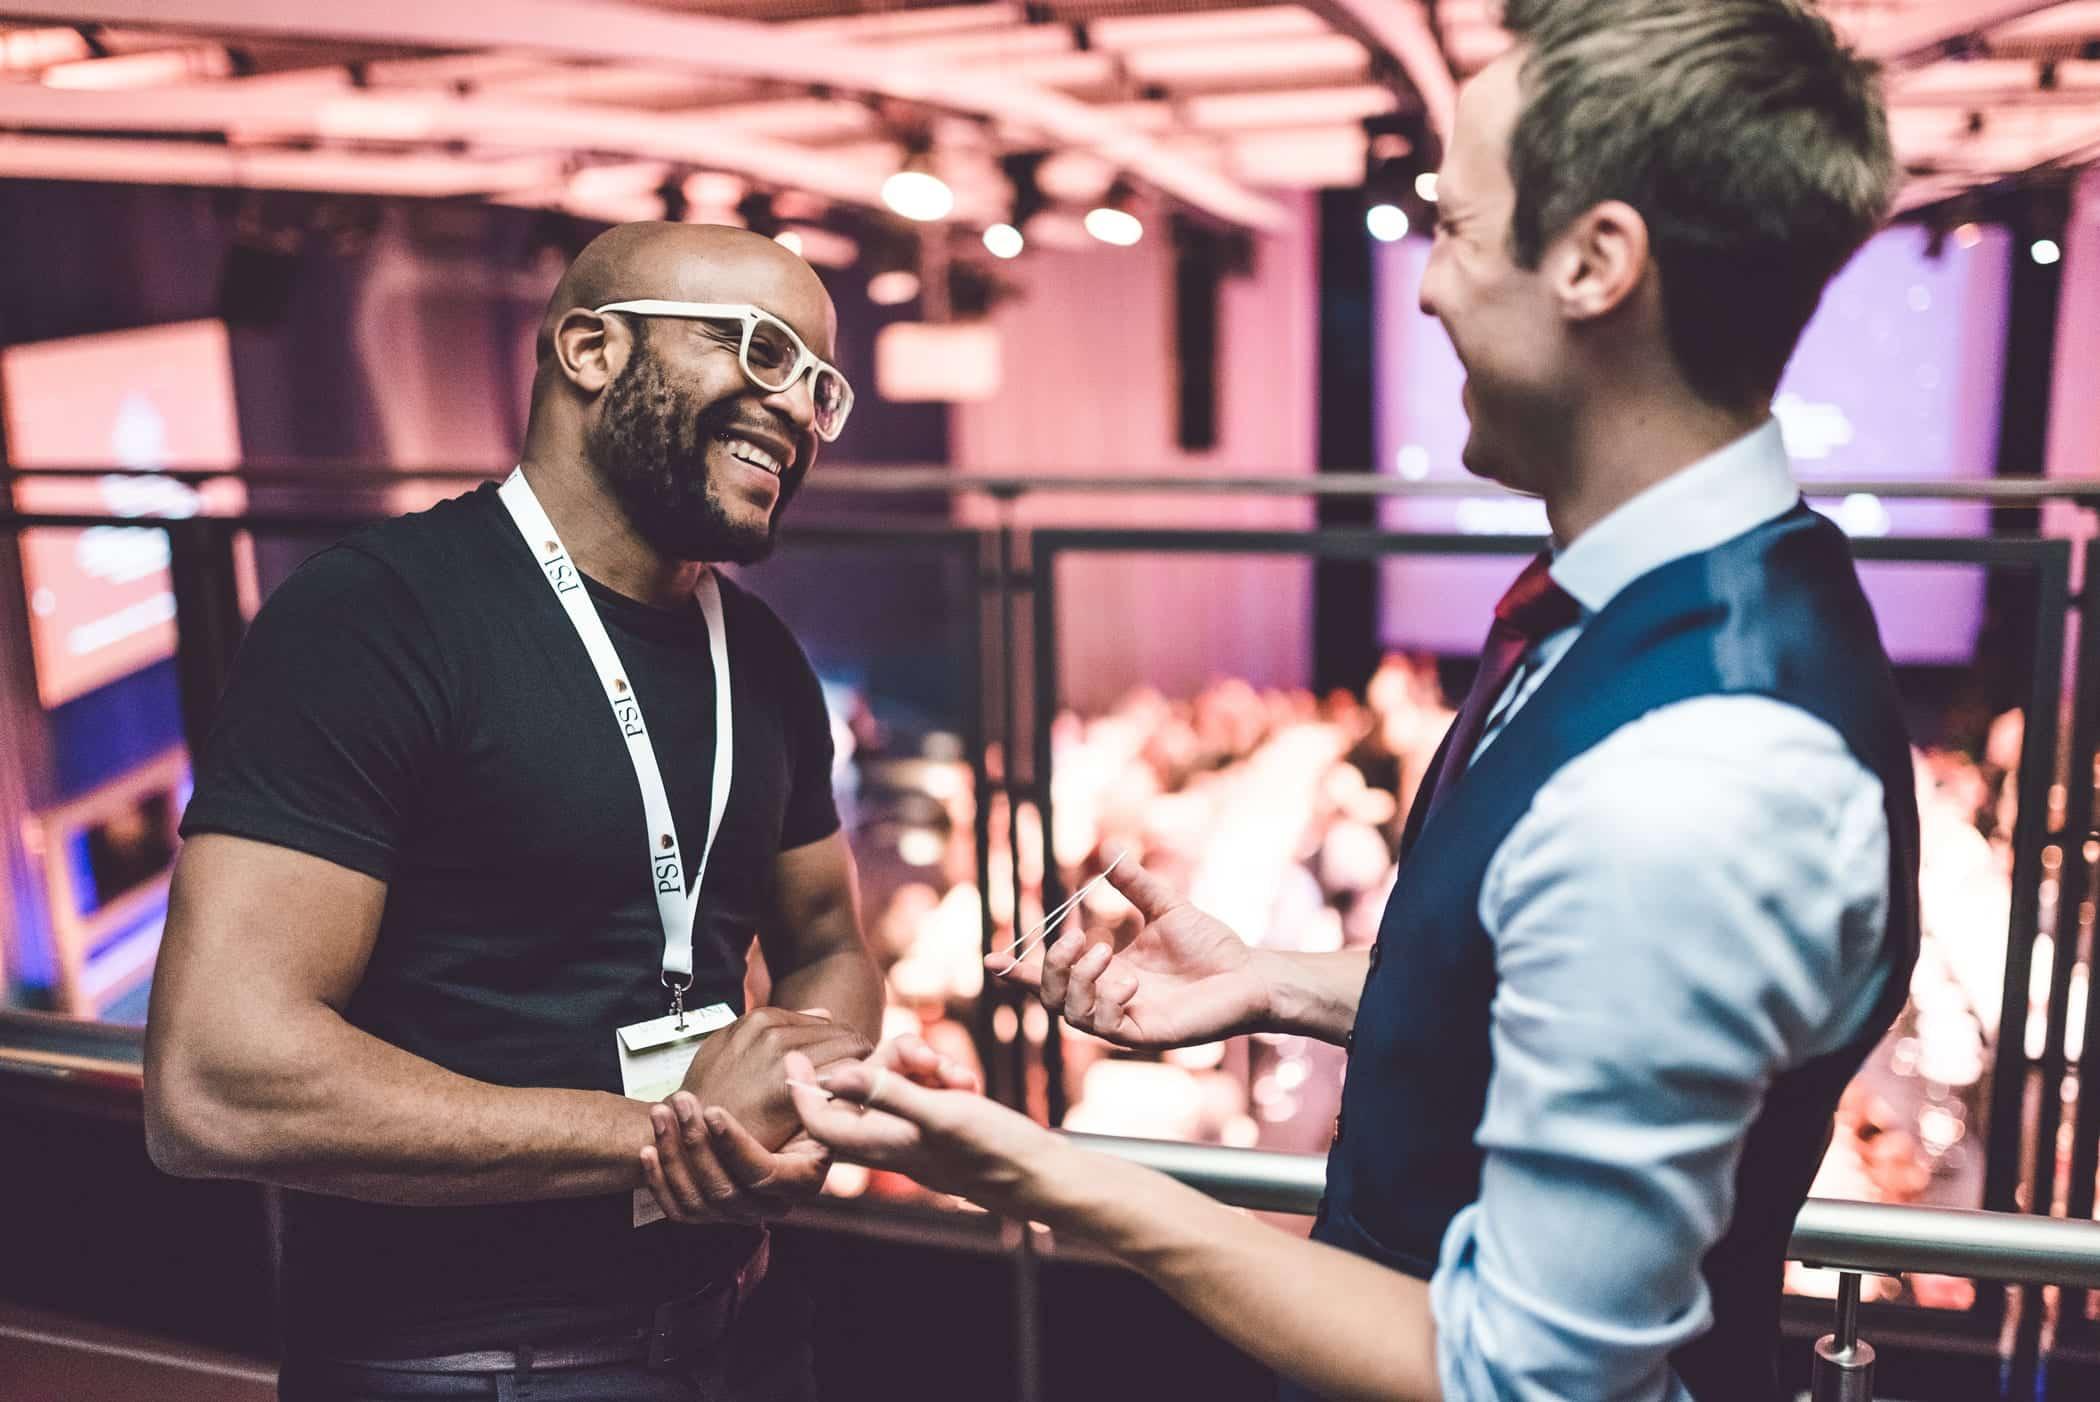 Fabian Schneekind unterhält einen Gast im VIP Bereich mit seiner Zauberei. Beide lachen dabei.